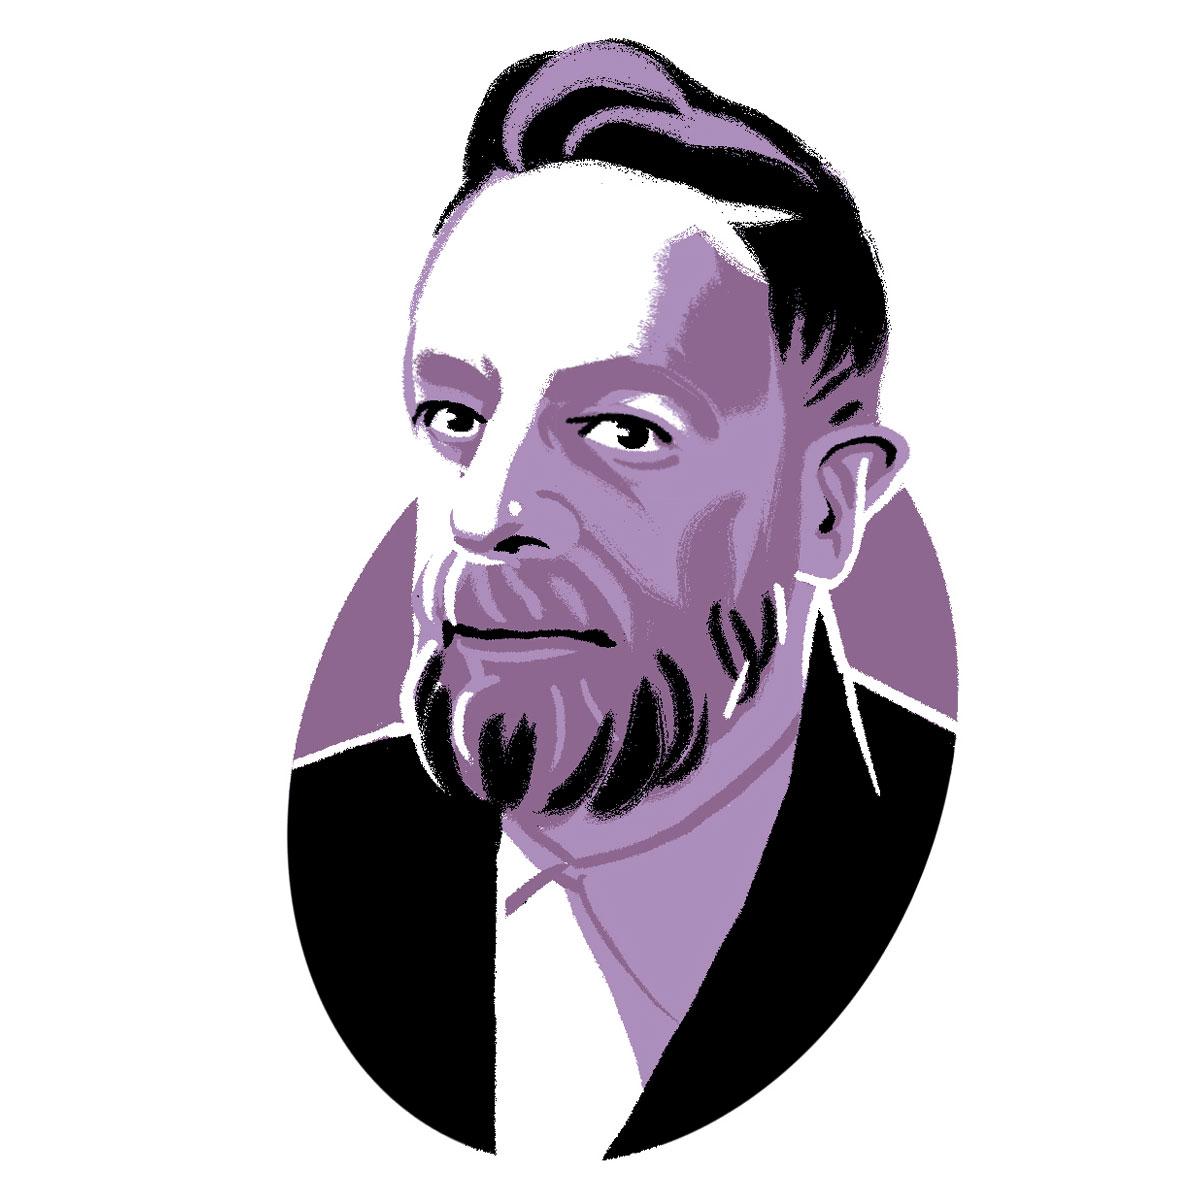 Alberto Piccinini